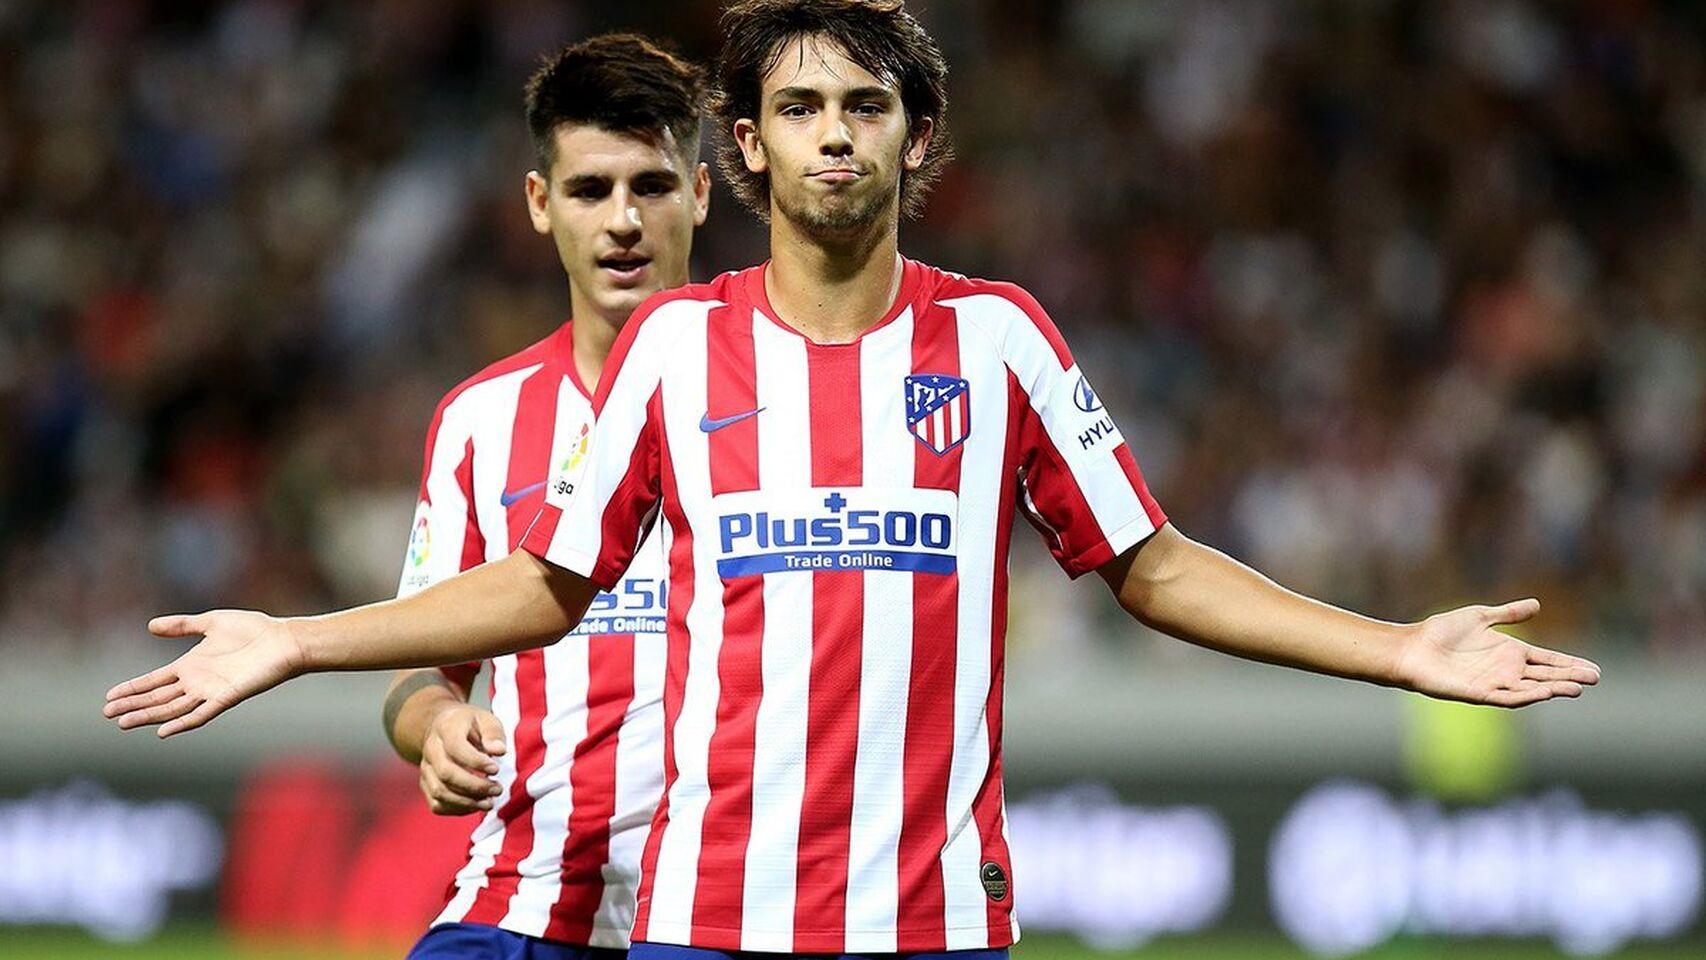 Los 5 jóvenes de la liga española que vienen pisando fuerte en 2020